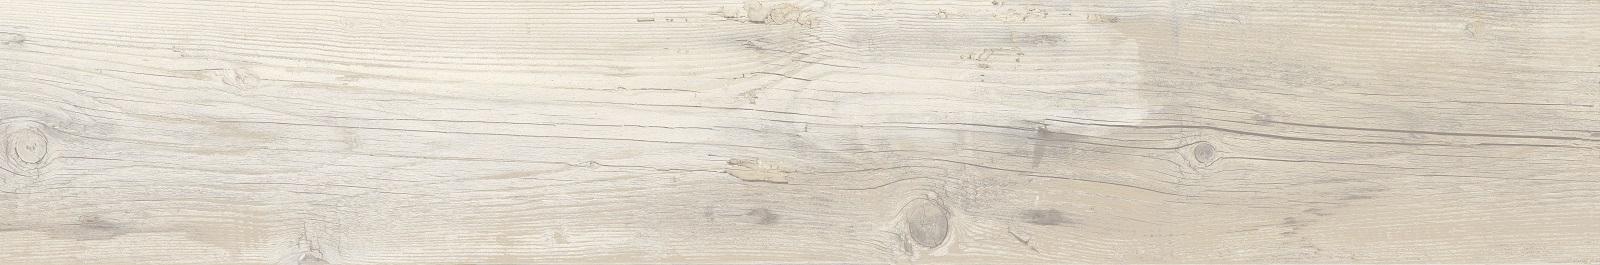 Плитка Legno Bianco (zzxlv1r) изображение 3